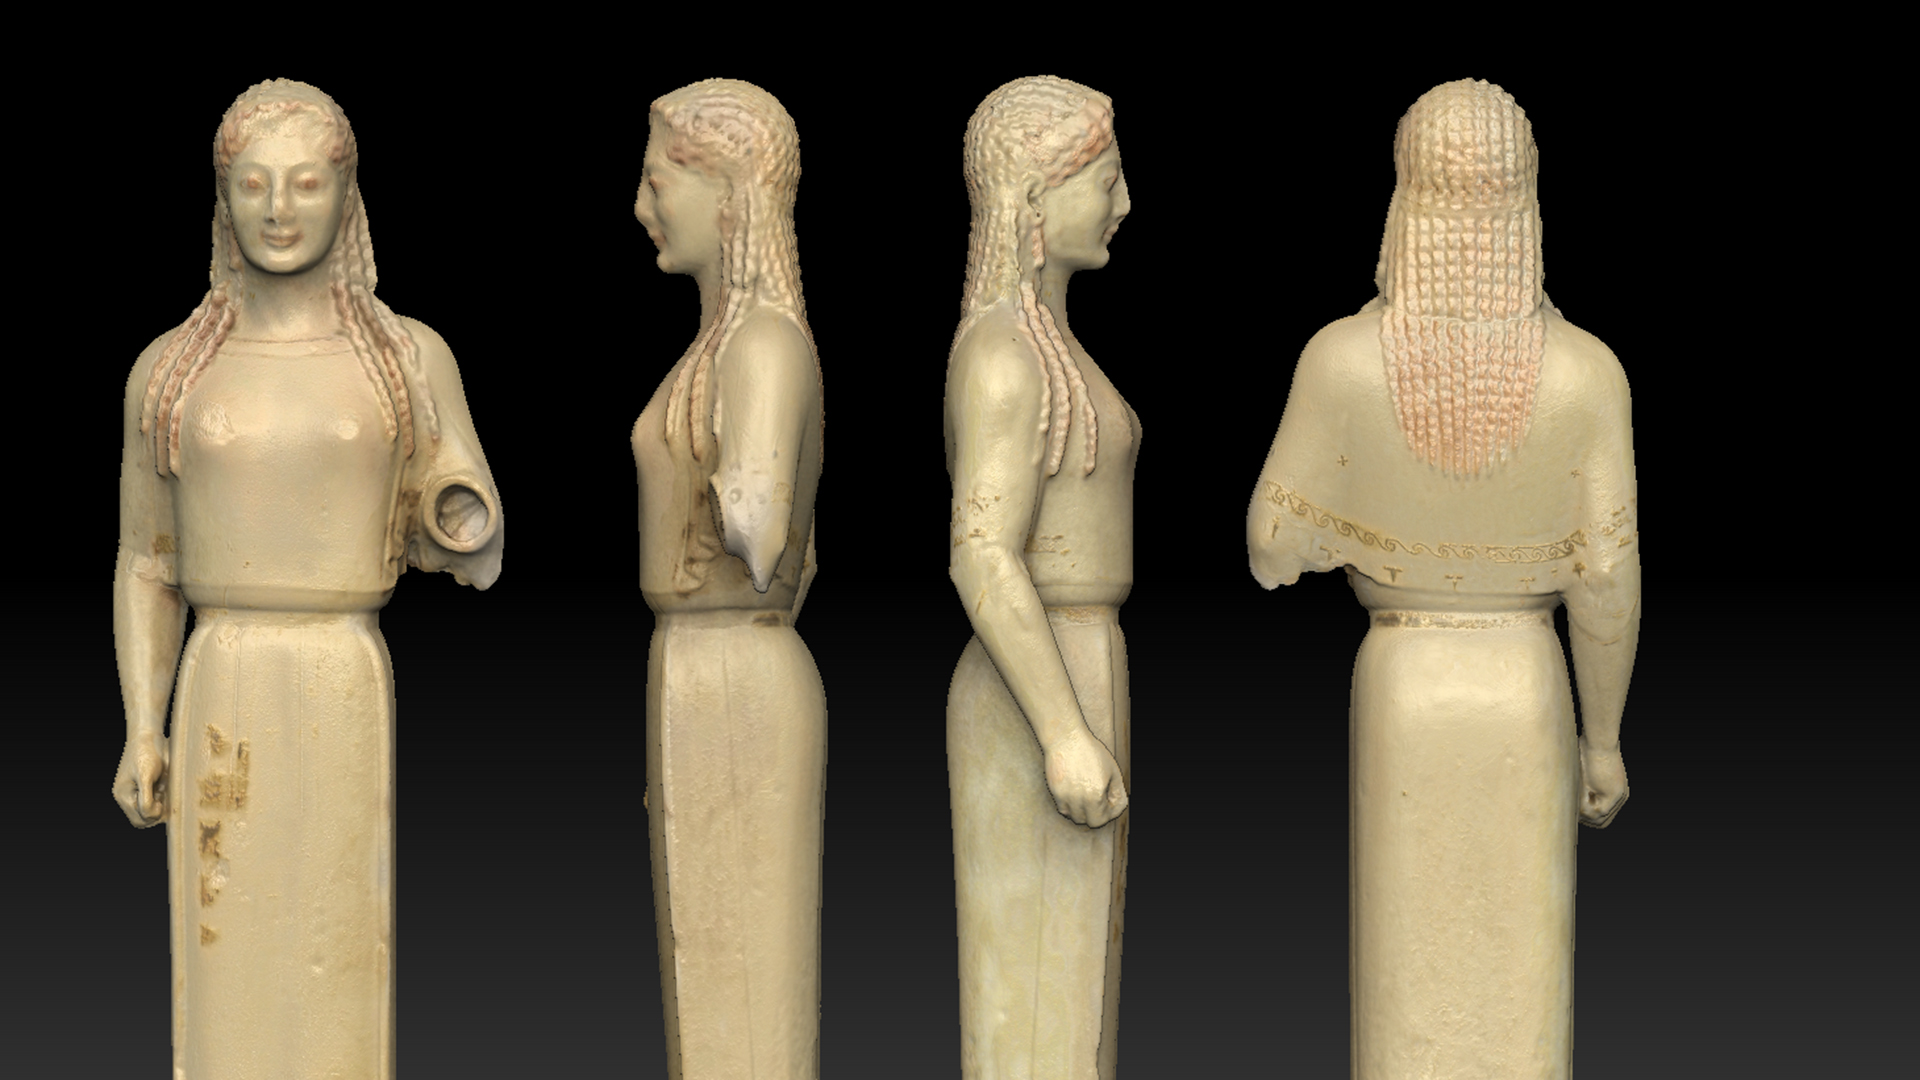 Musée de l'Acropole - Numérisation 3D - Peplos Kore